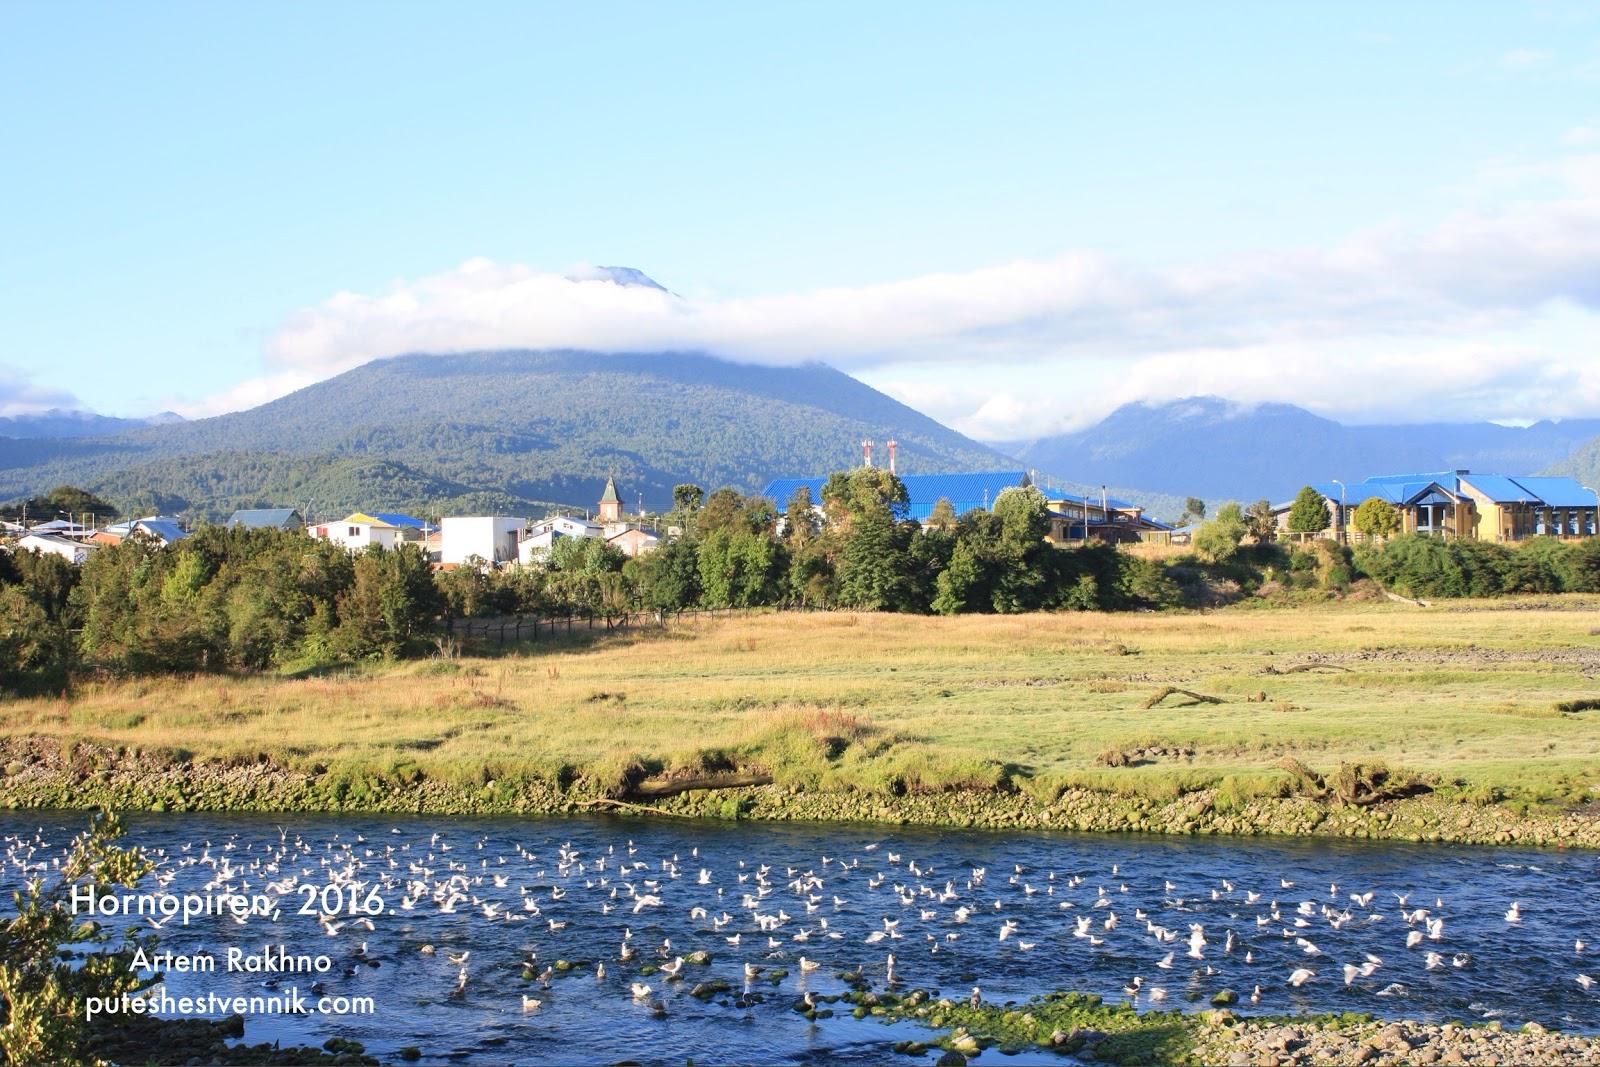 Деревня Хорнопирен в Чили